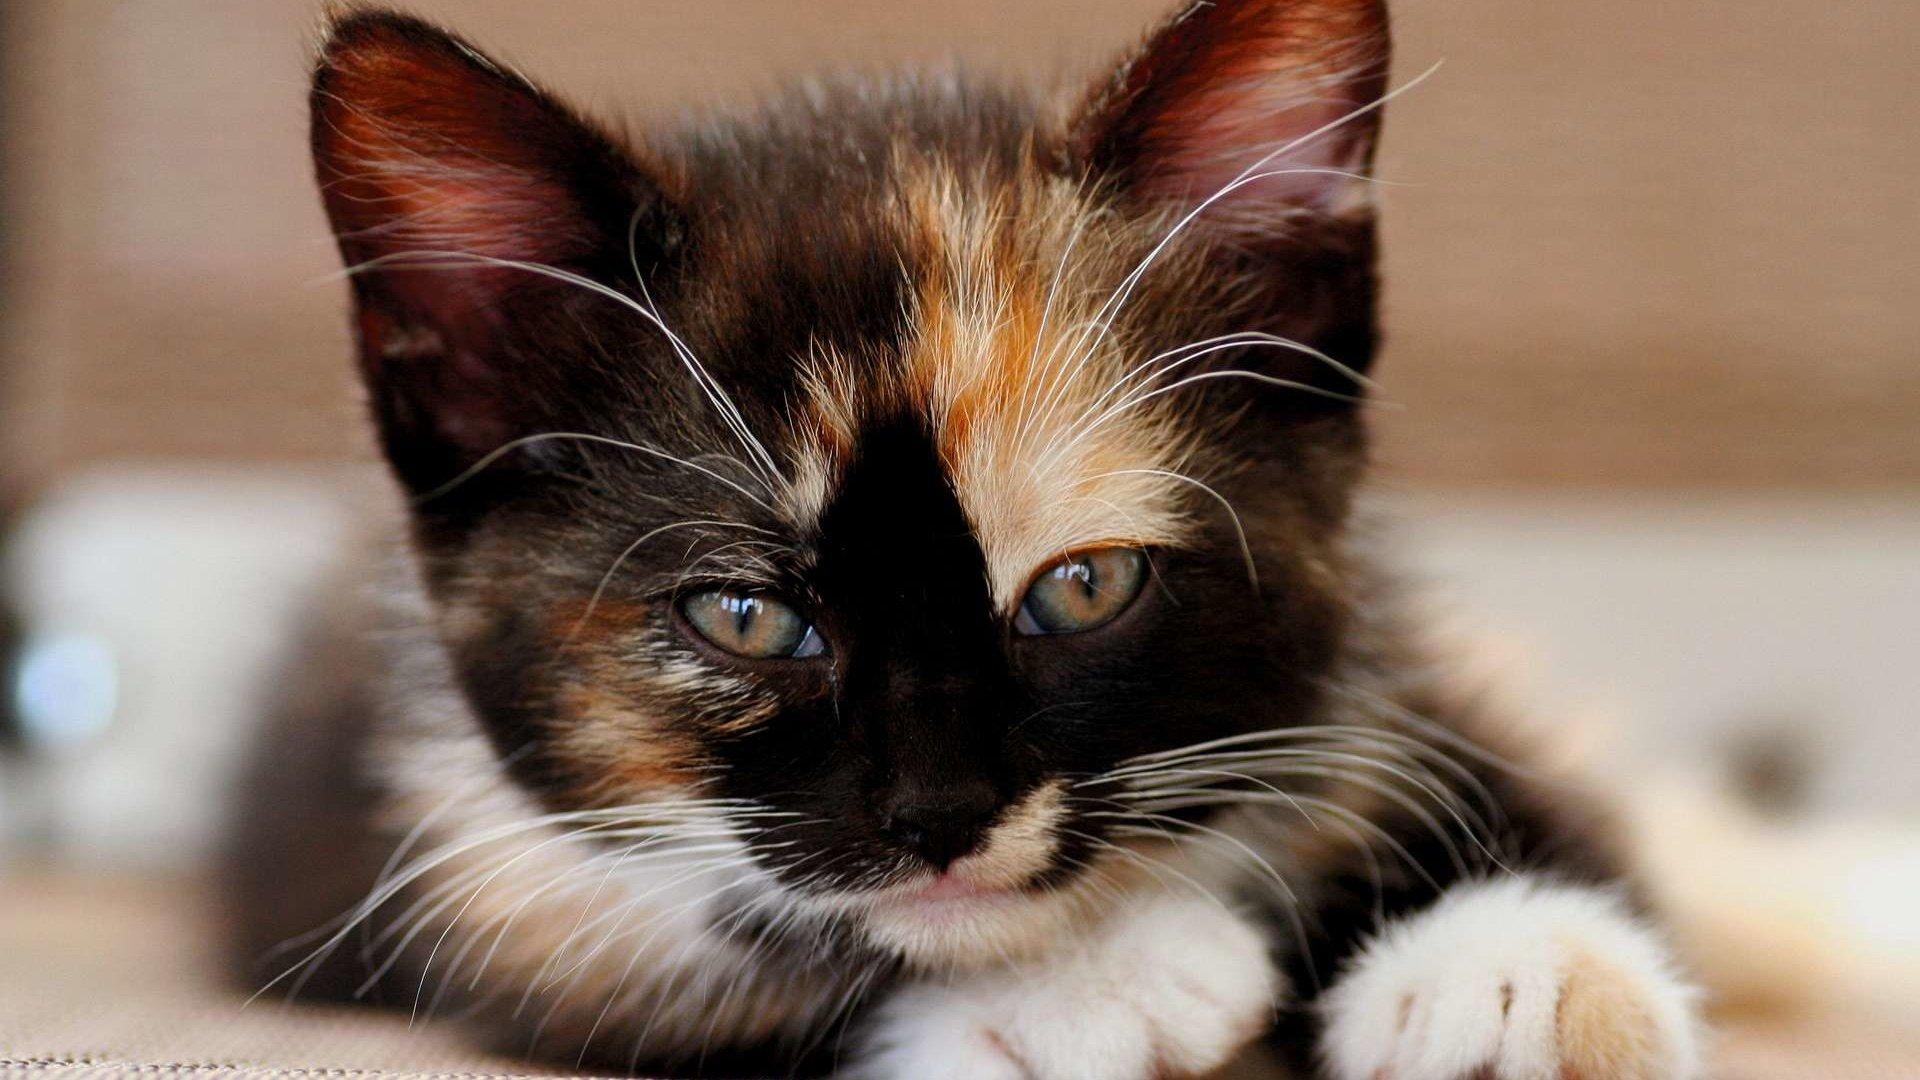 Картинки прикольные кошки большое разрешение изображении очень